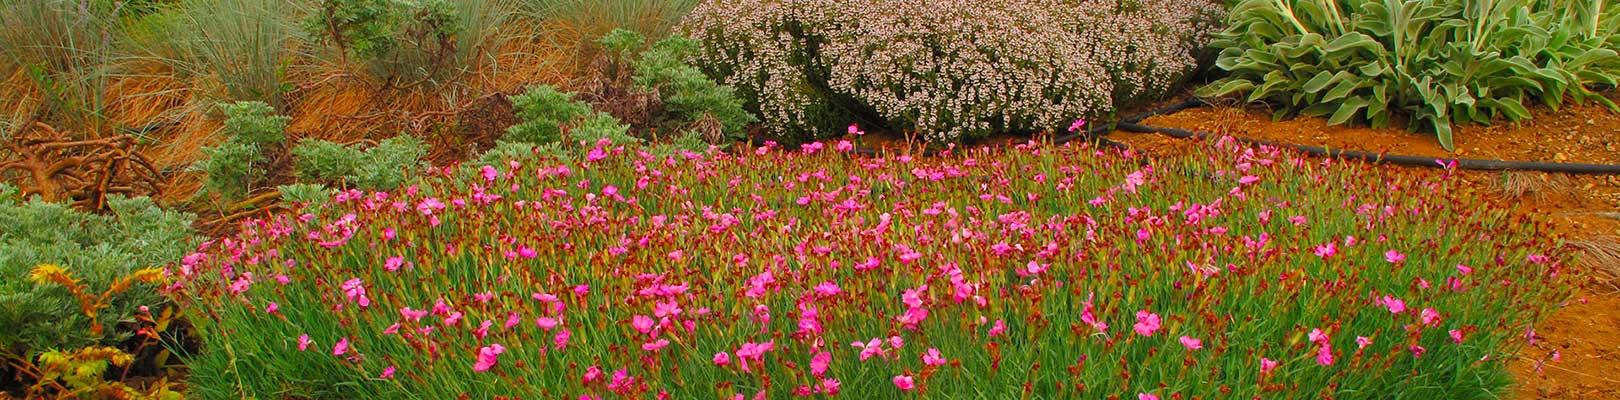 Compagnia delle piante ornamentali piante da giardino - Piante da giardino profumate ...